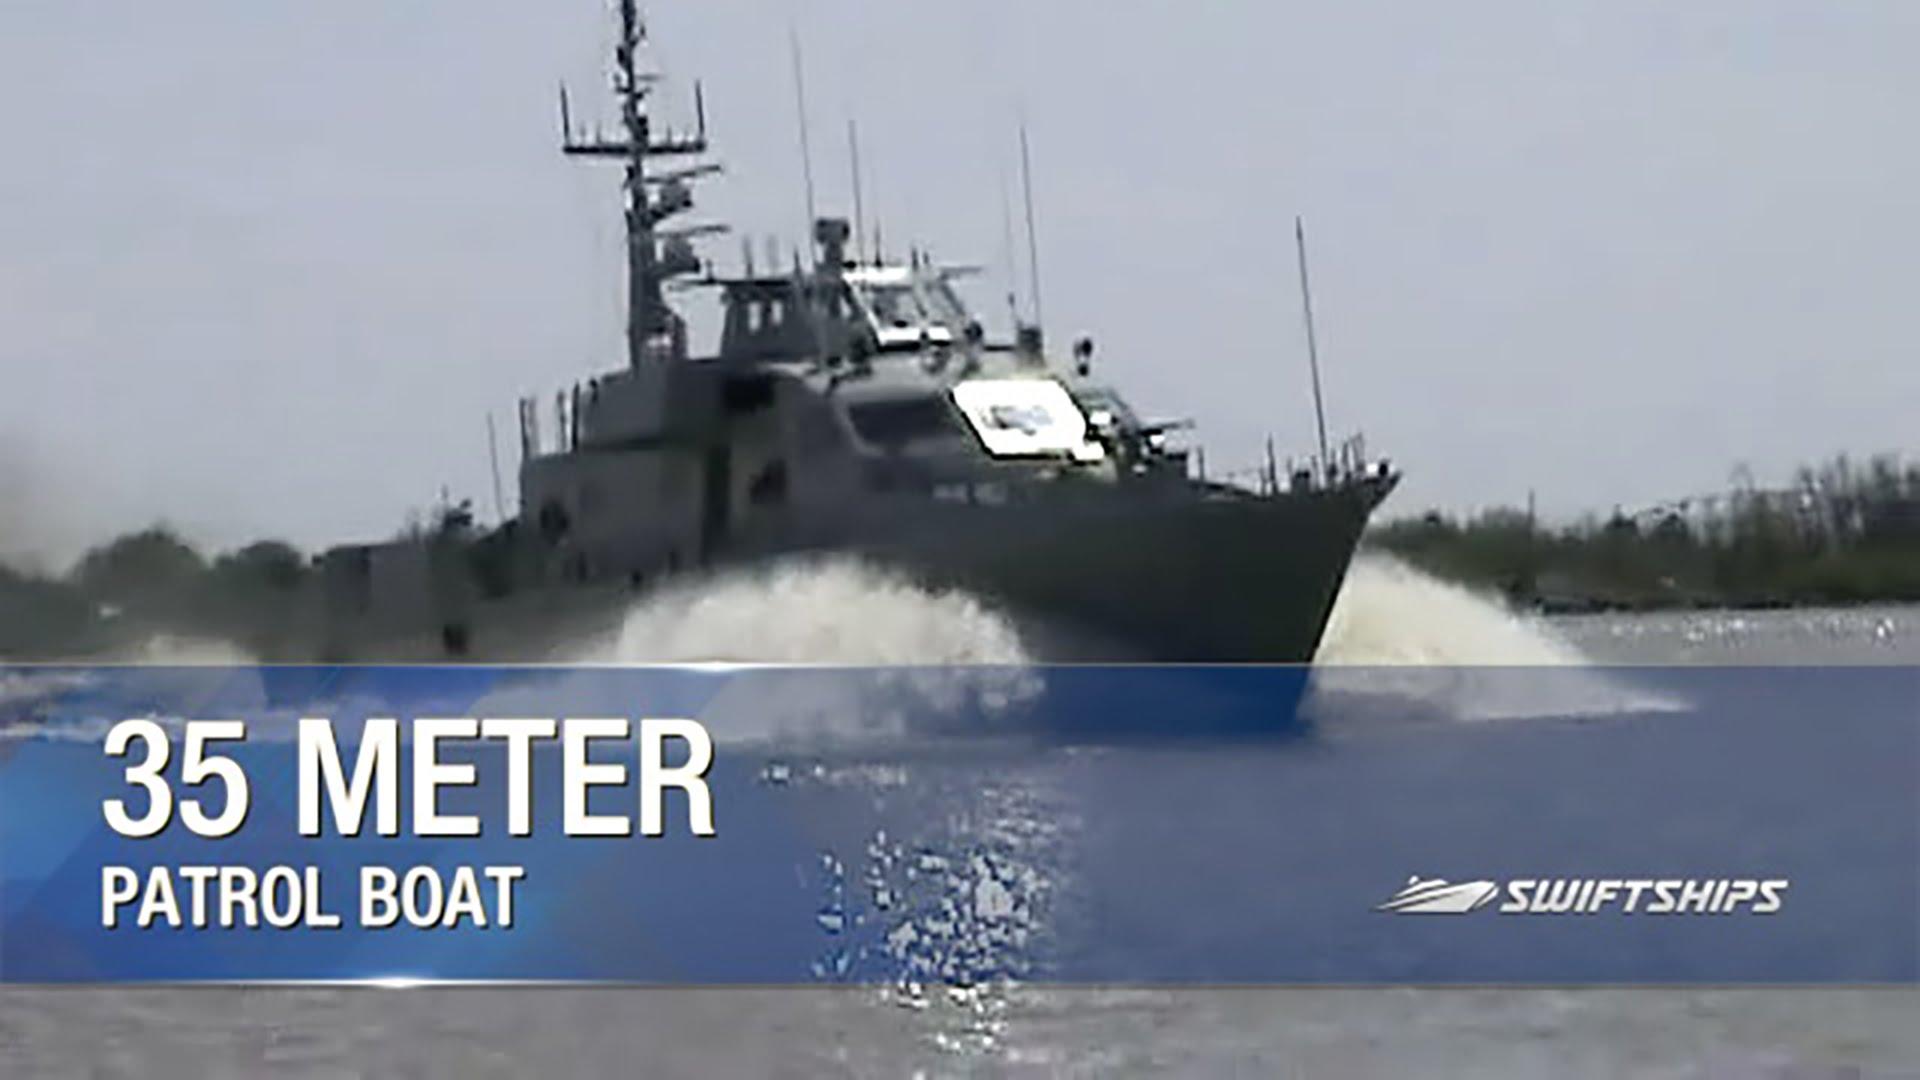 Swiftships 35 Meter Patrol Boat